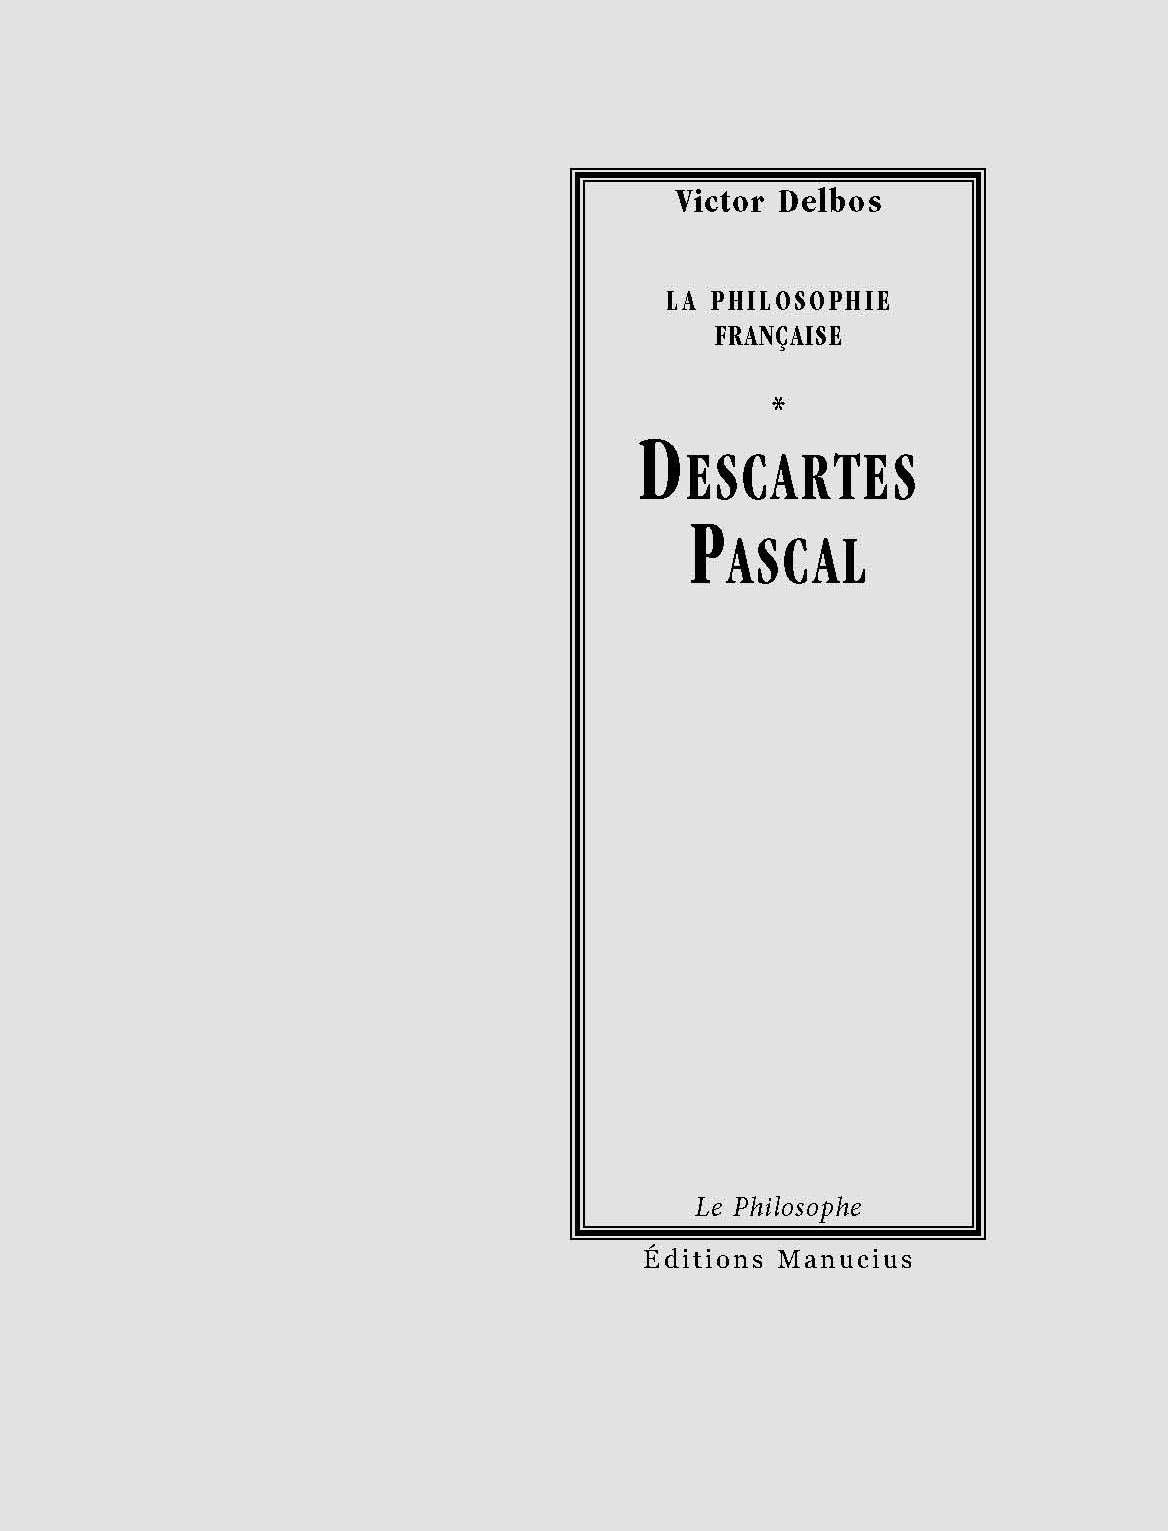 delbos_descartes_pascal.jpg